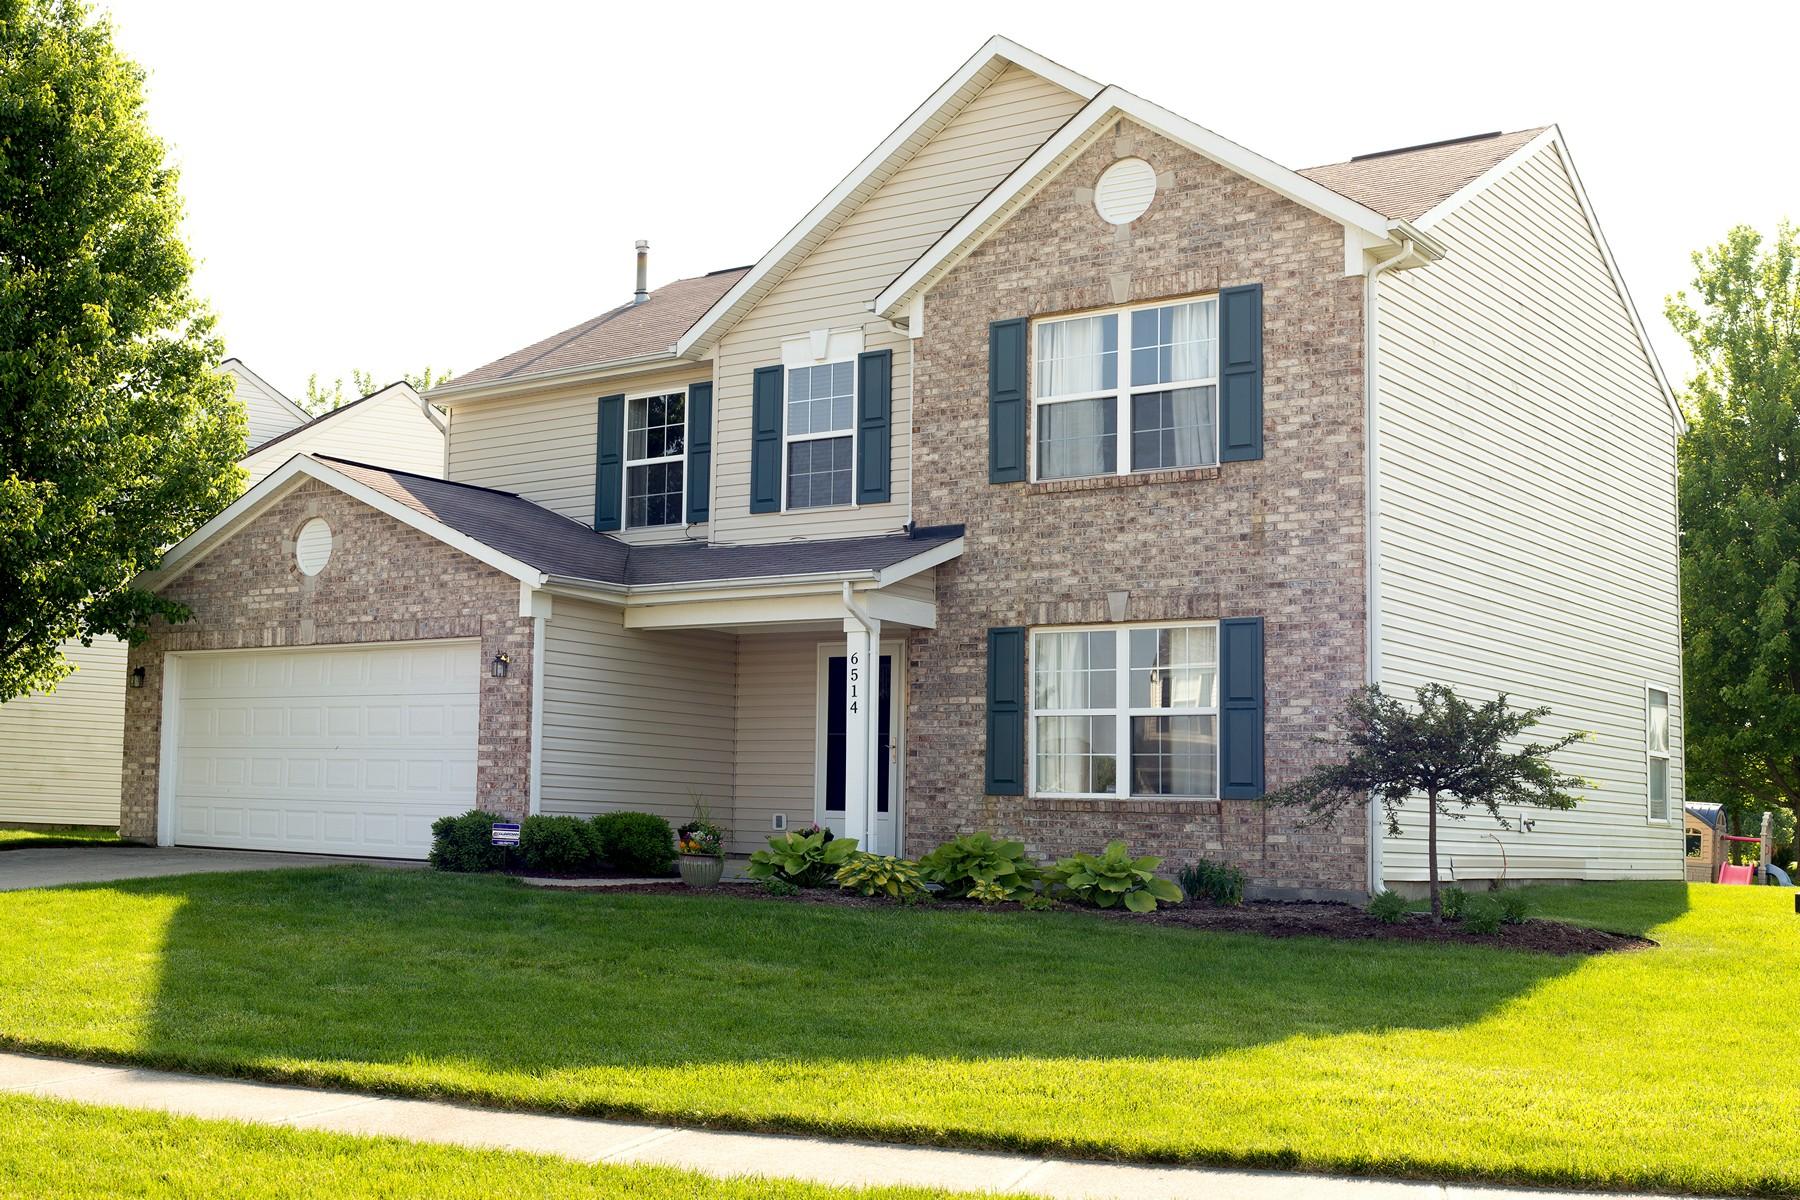 Maison unifamiliale pour l Vente à Exquisite Four Bedroom Home 6514 Oxford Zionsville, Indiana, 46077 États-Unis